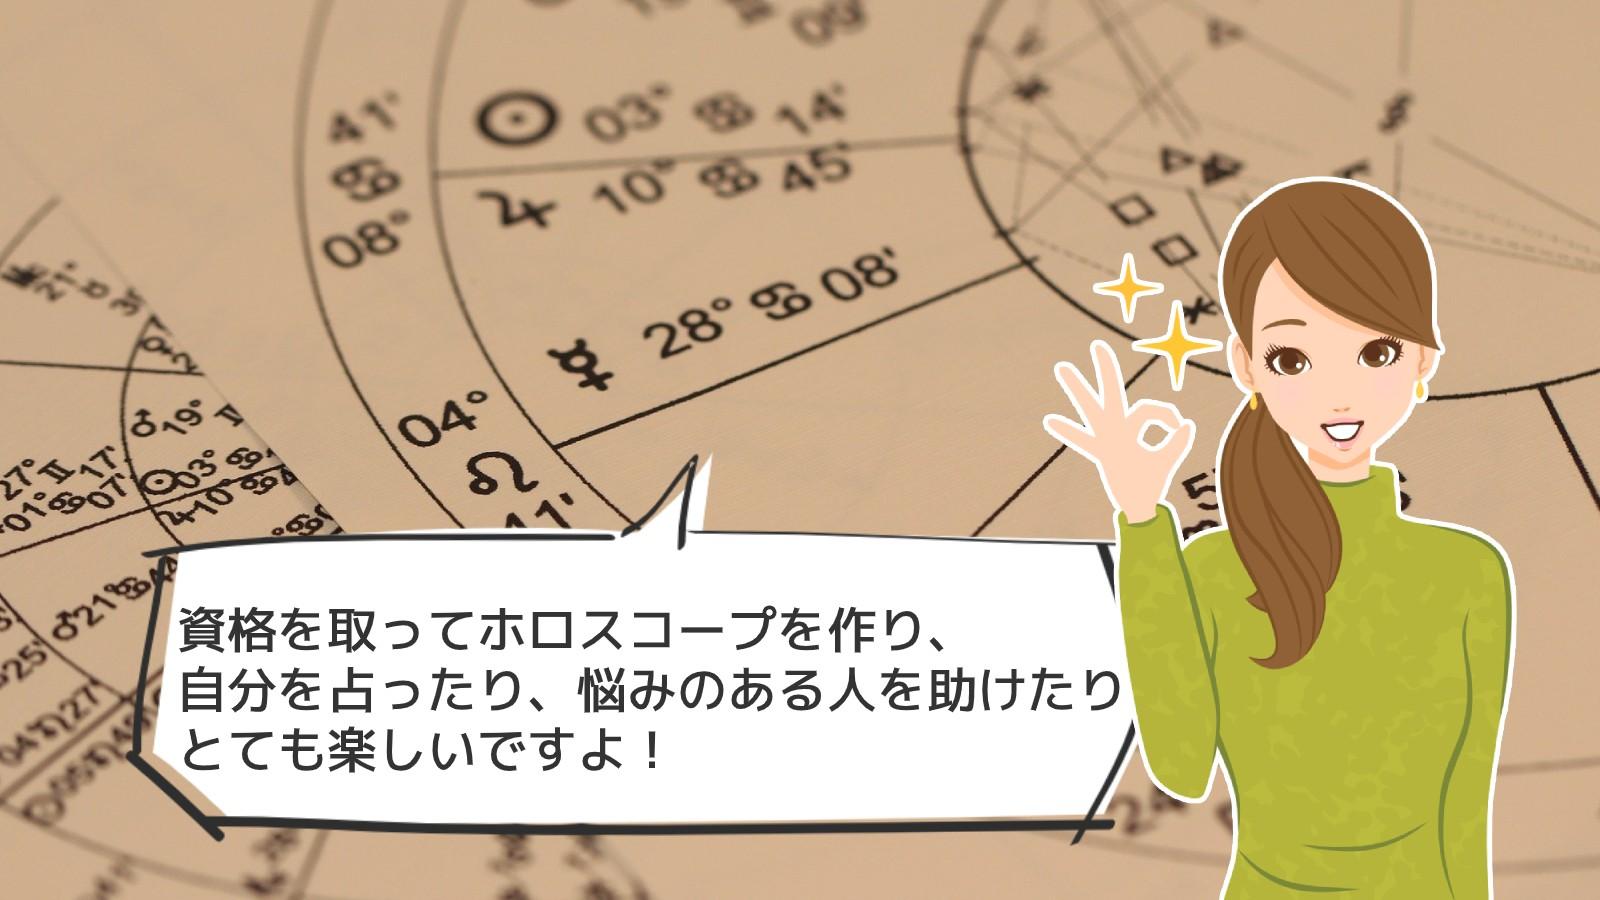 「ホロスコープ鑑定士資格」のアイキャッチ画像